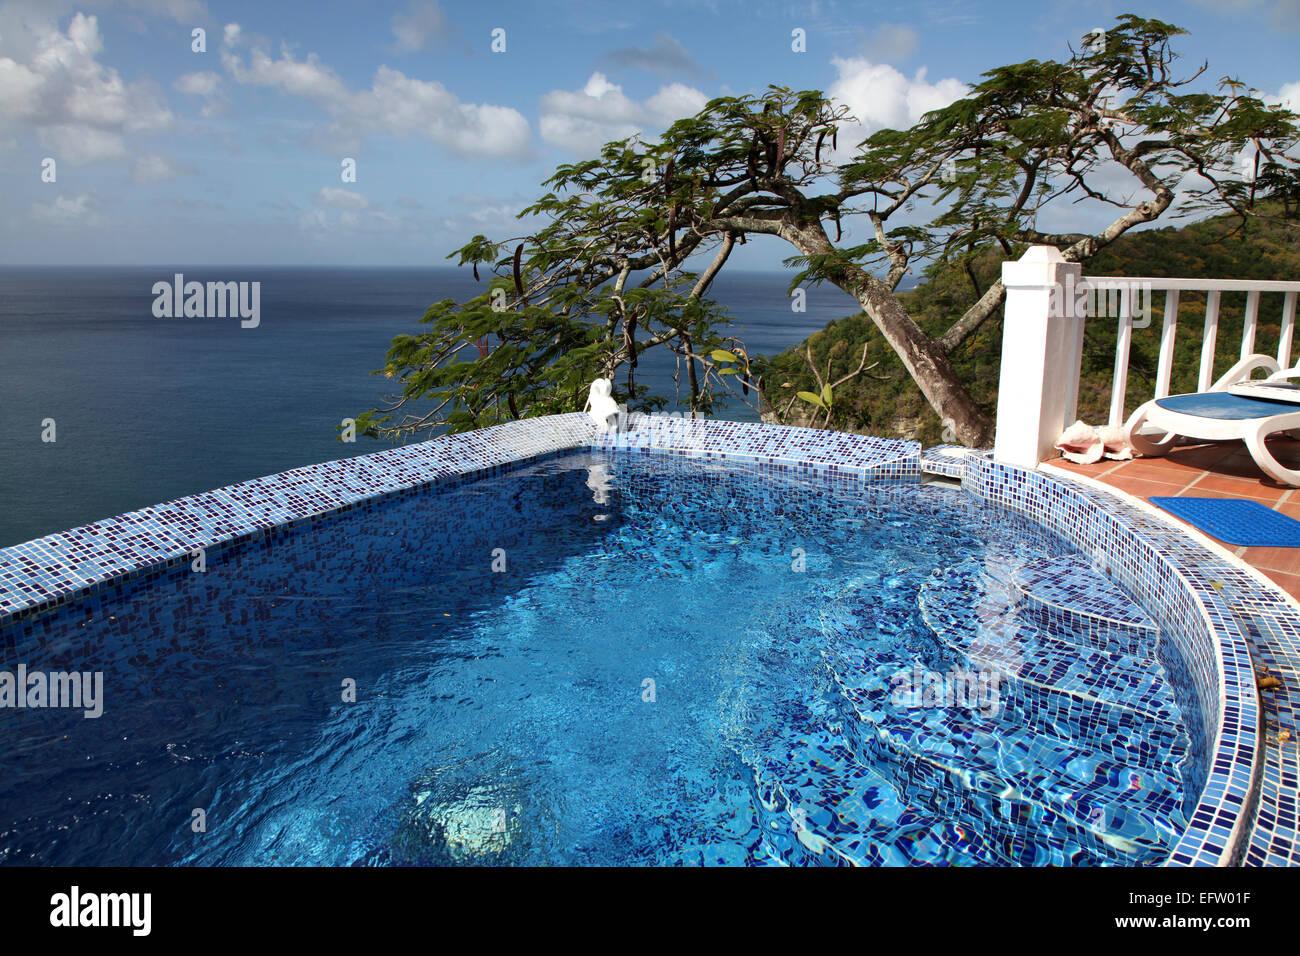 Ein blauen Pool mit Blick auf einen extravaganten Baum und dem karibischen Meer Stockbild